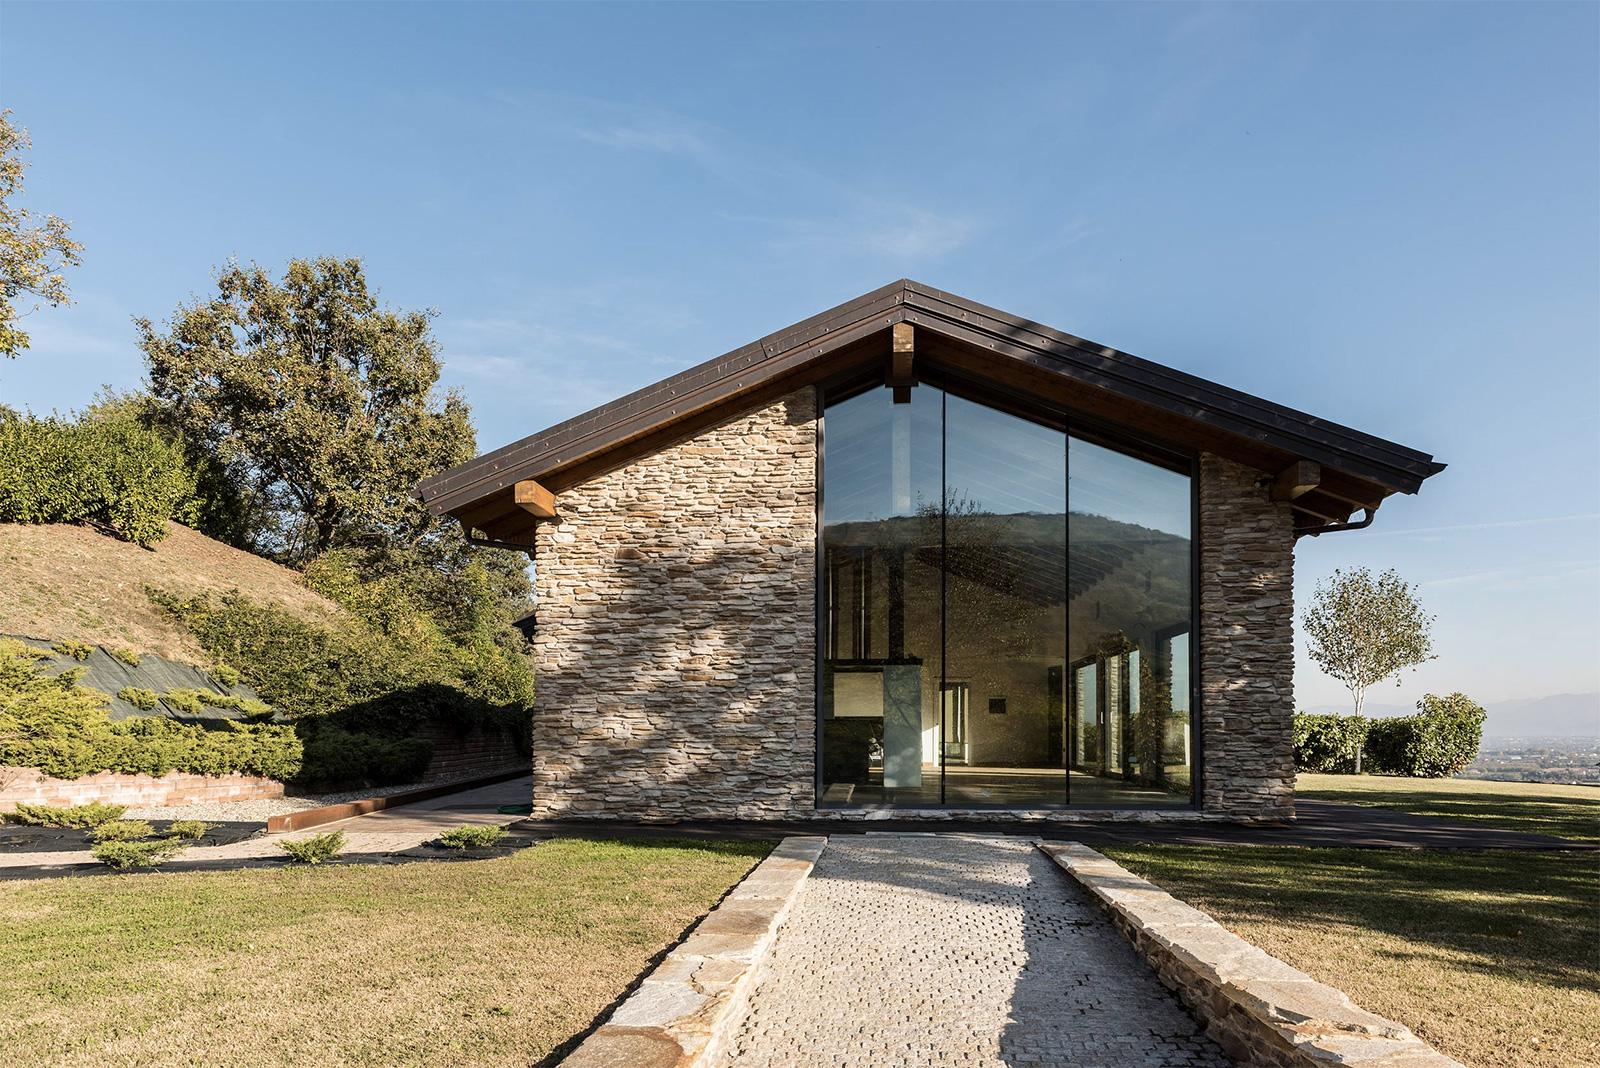 Villa con Vista is on the market via Fantastic Frank Italy